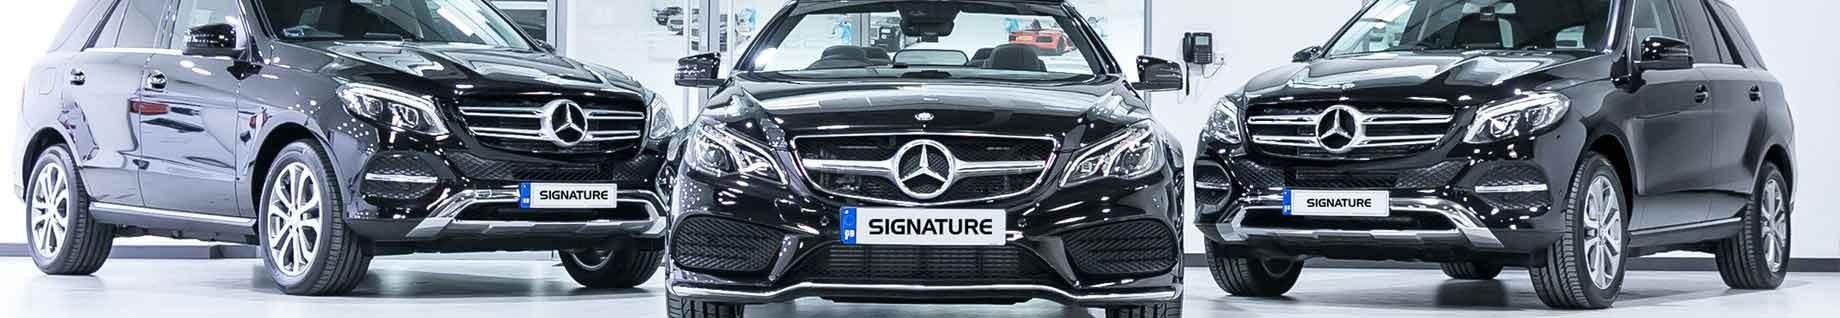 Signature Leasing